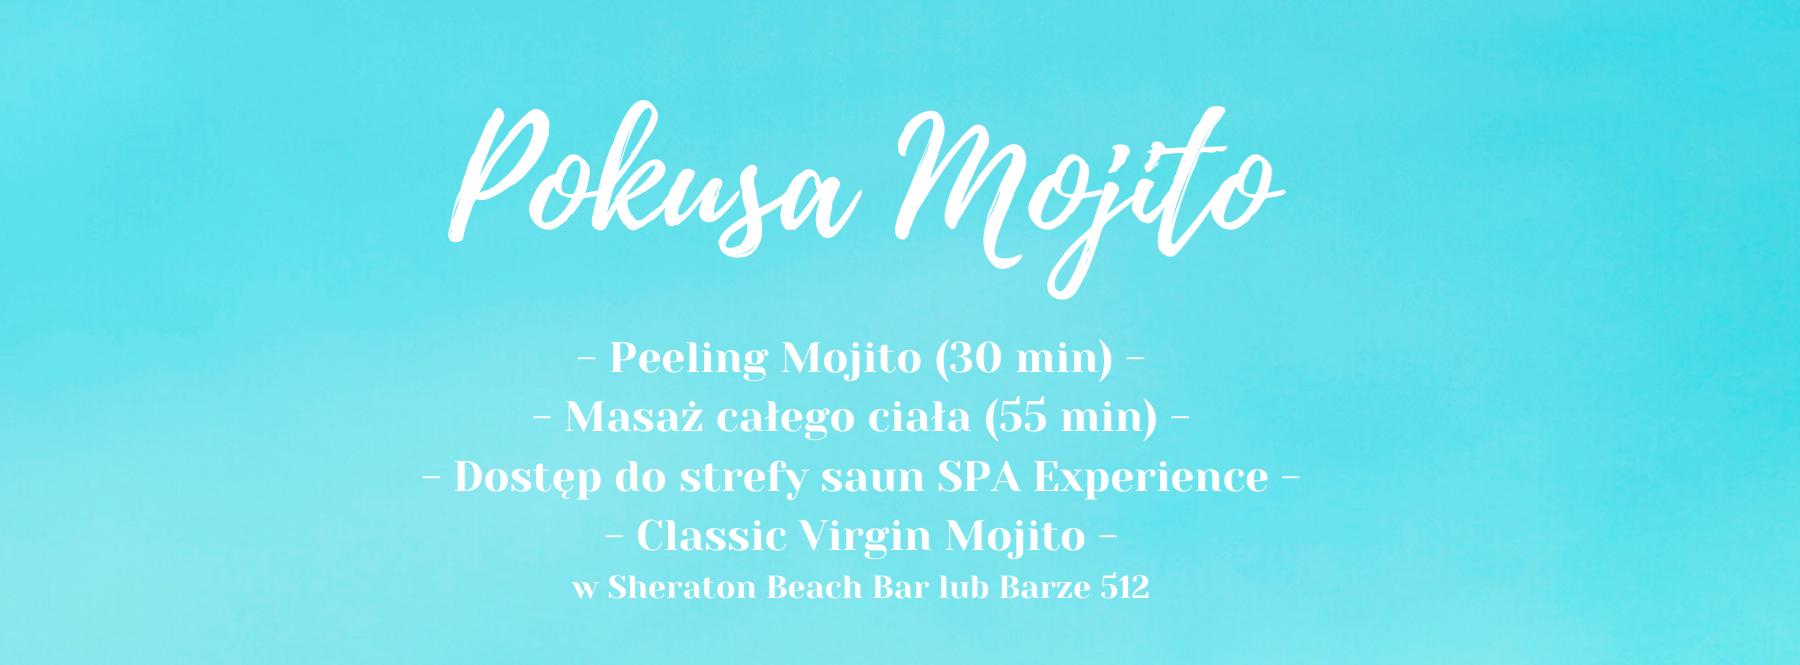 Pokusa Mojito